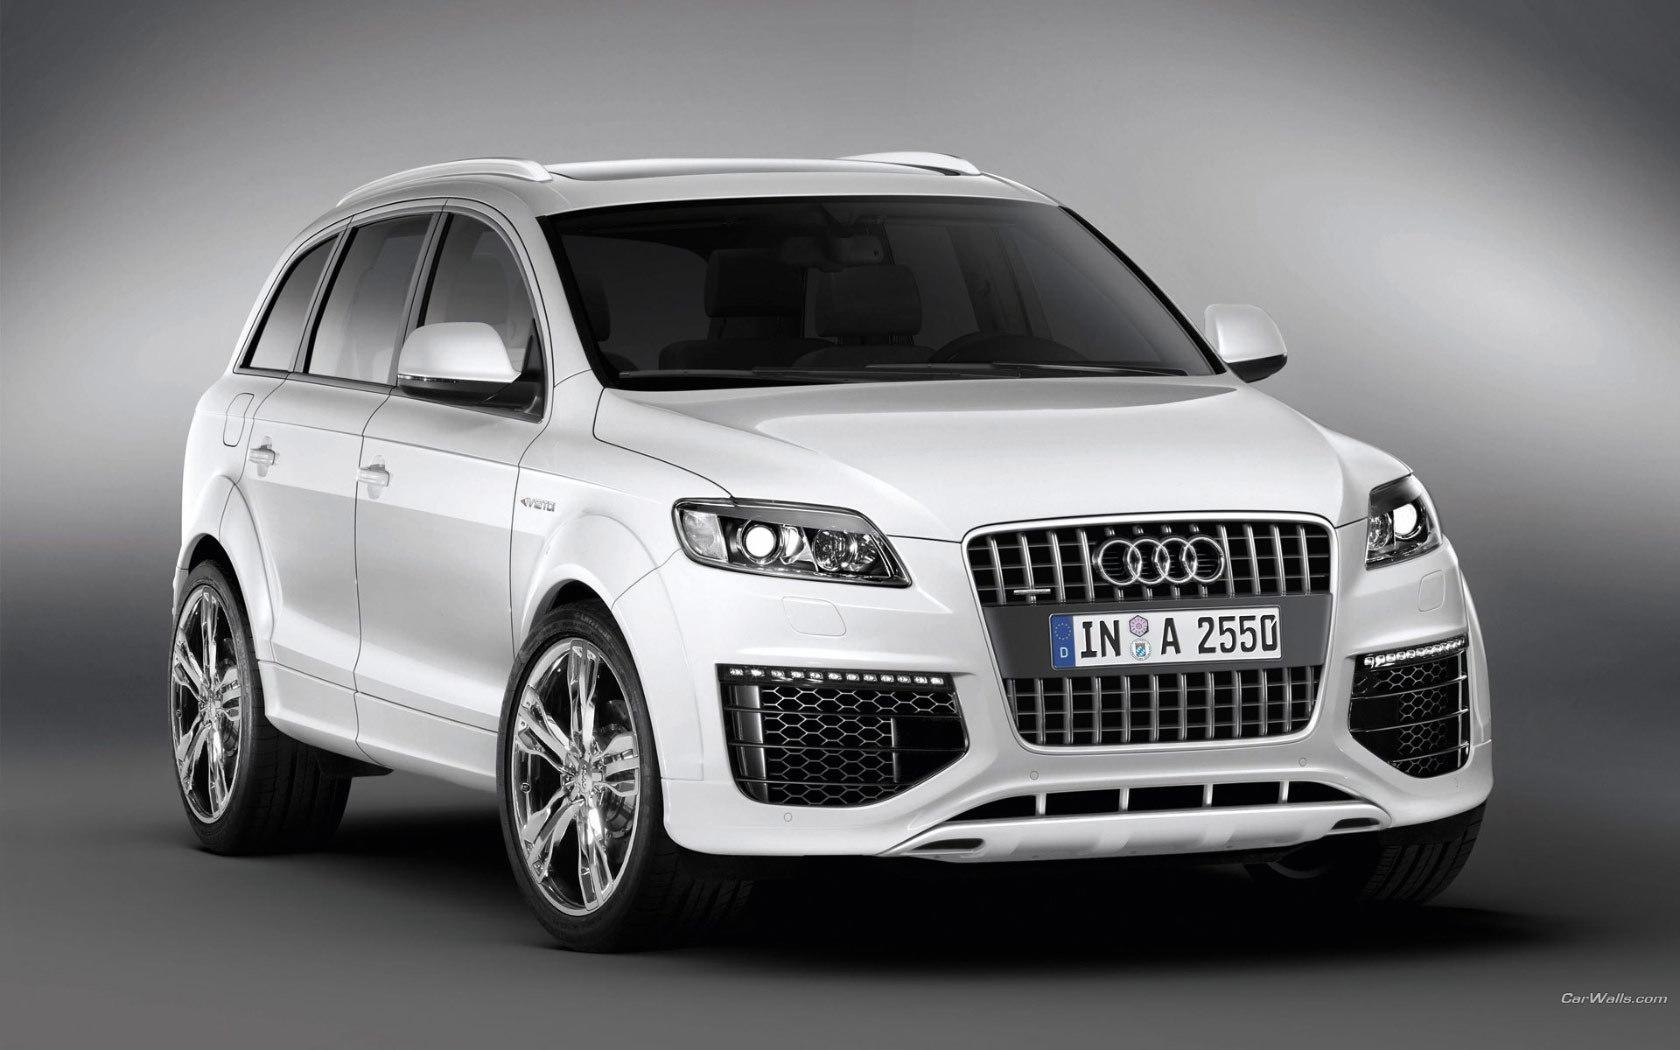 6825 скачать обои Транспорт, Машины, Ауди (Audi) - заставки и картинки бесплатно